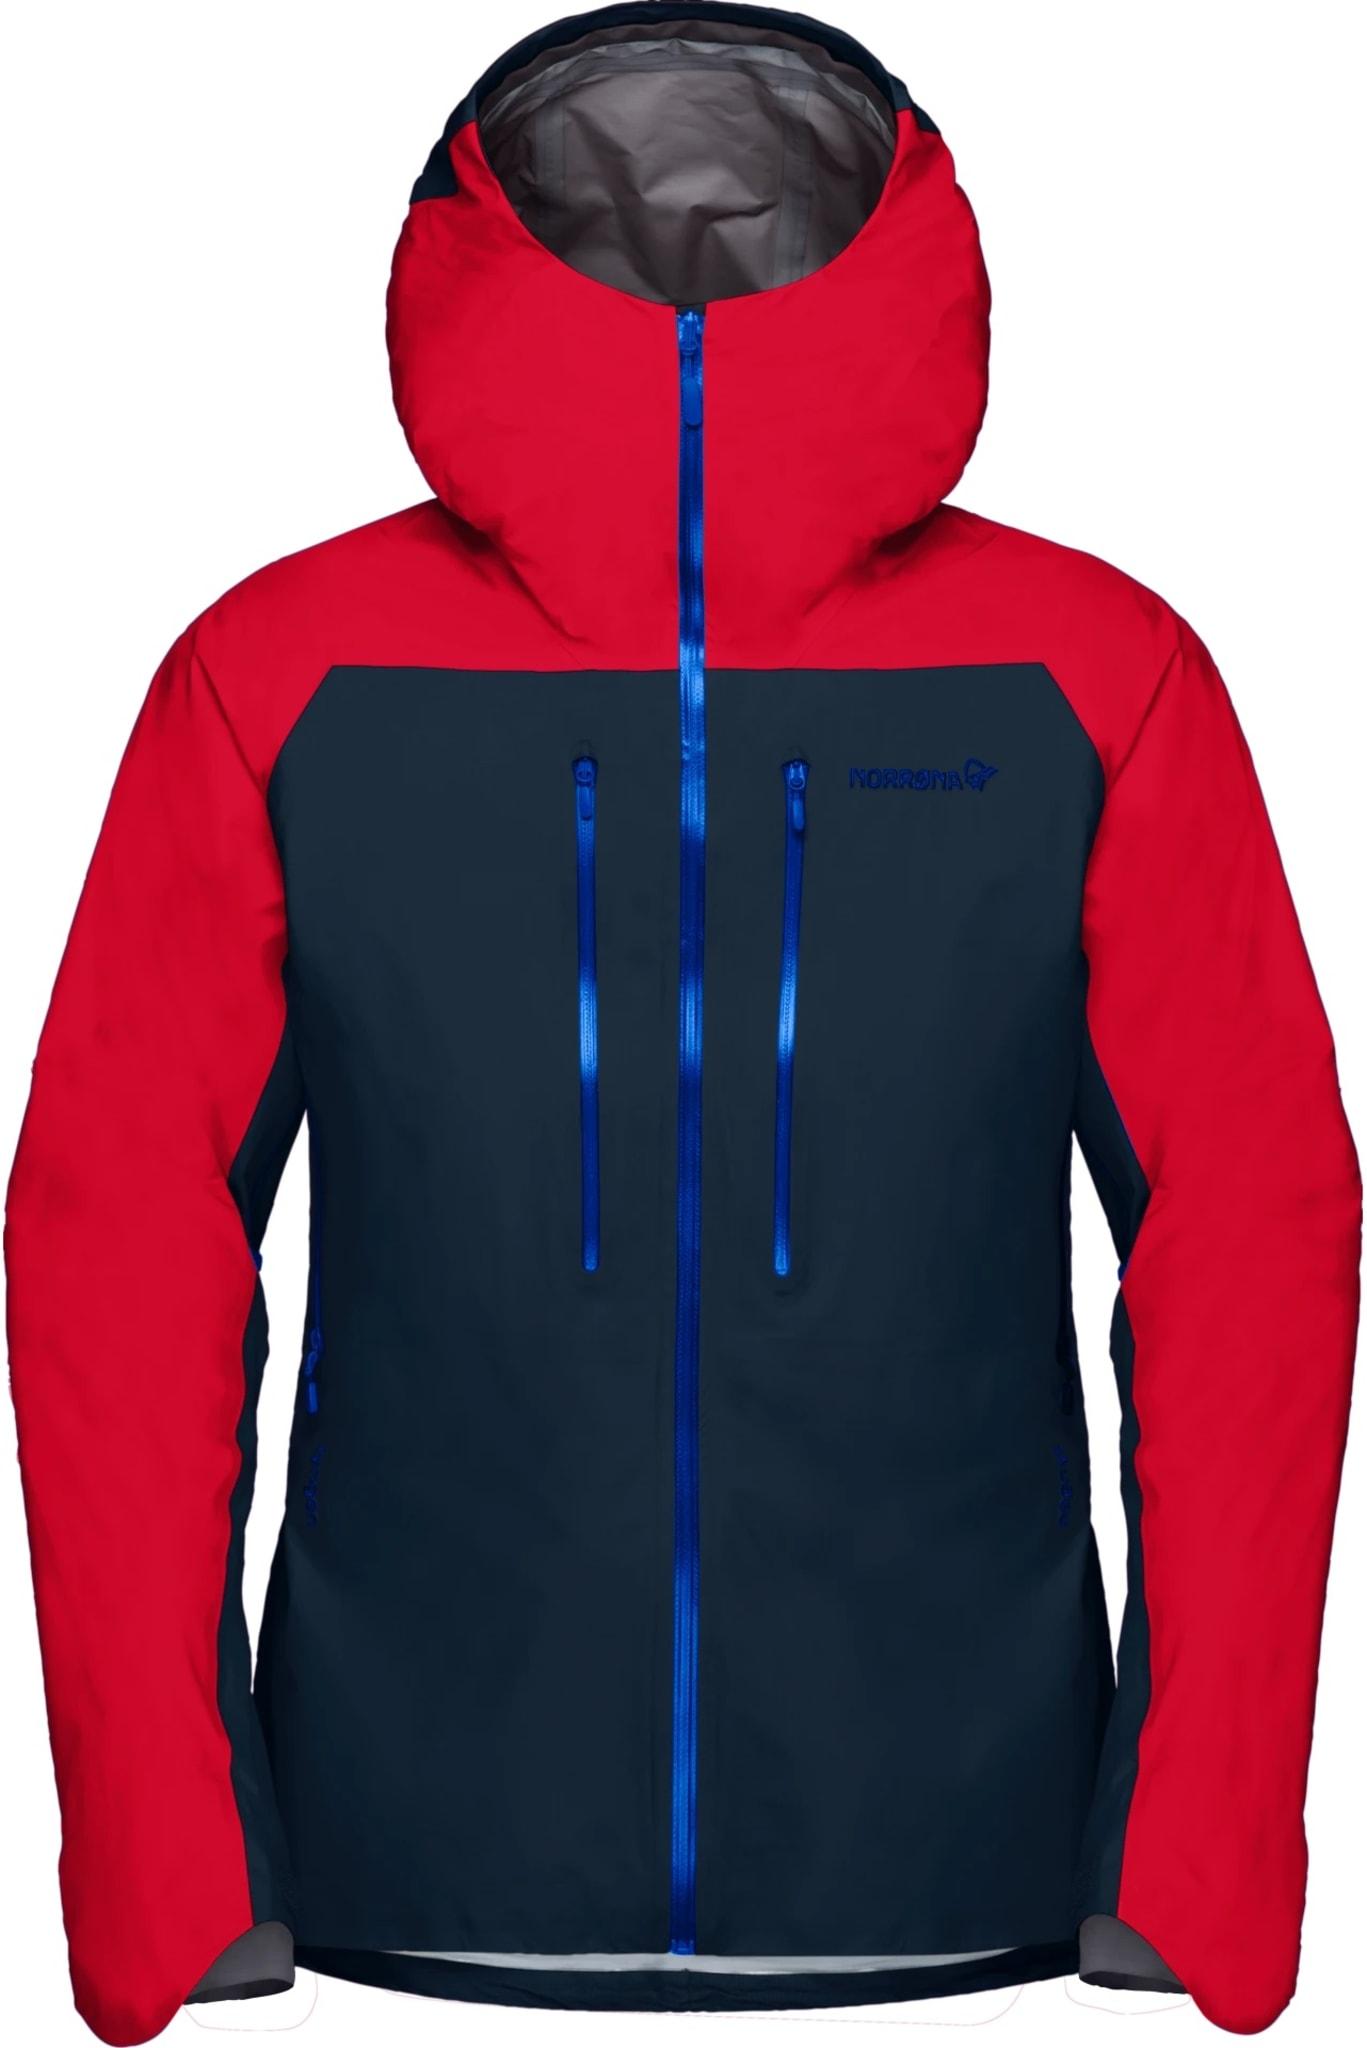 Lyngen GORE-TEX Jacket M